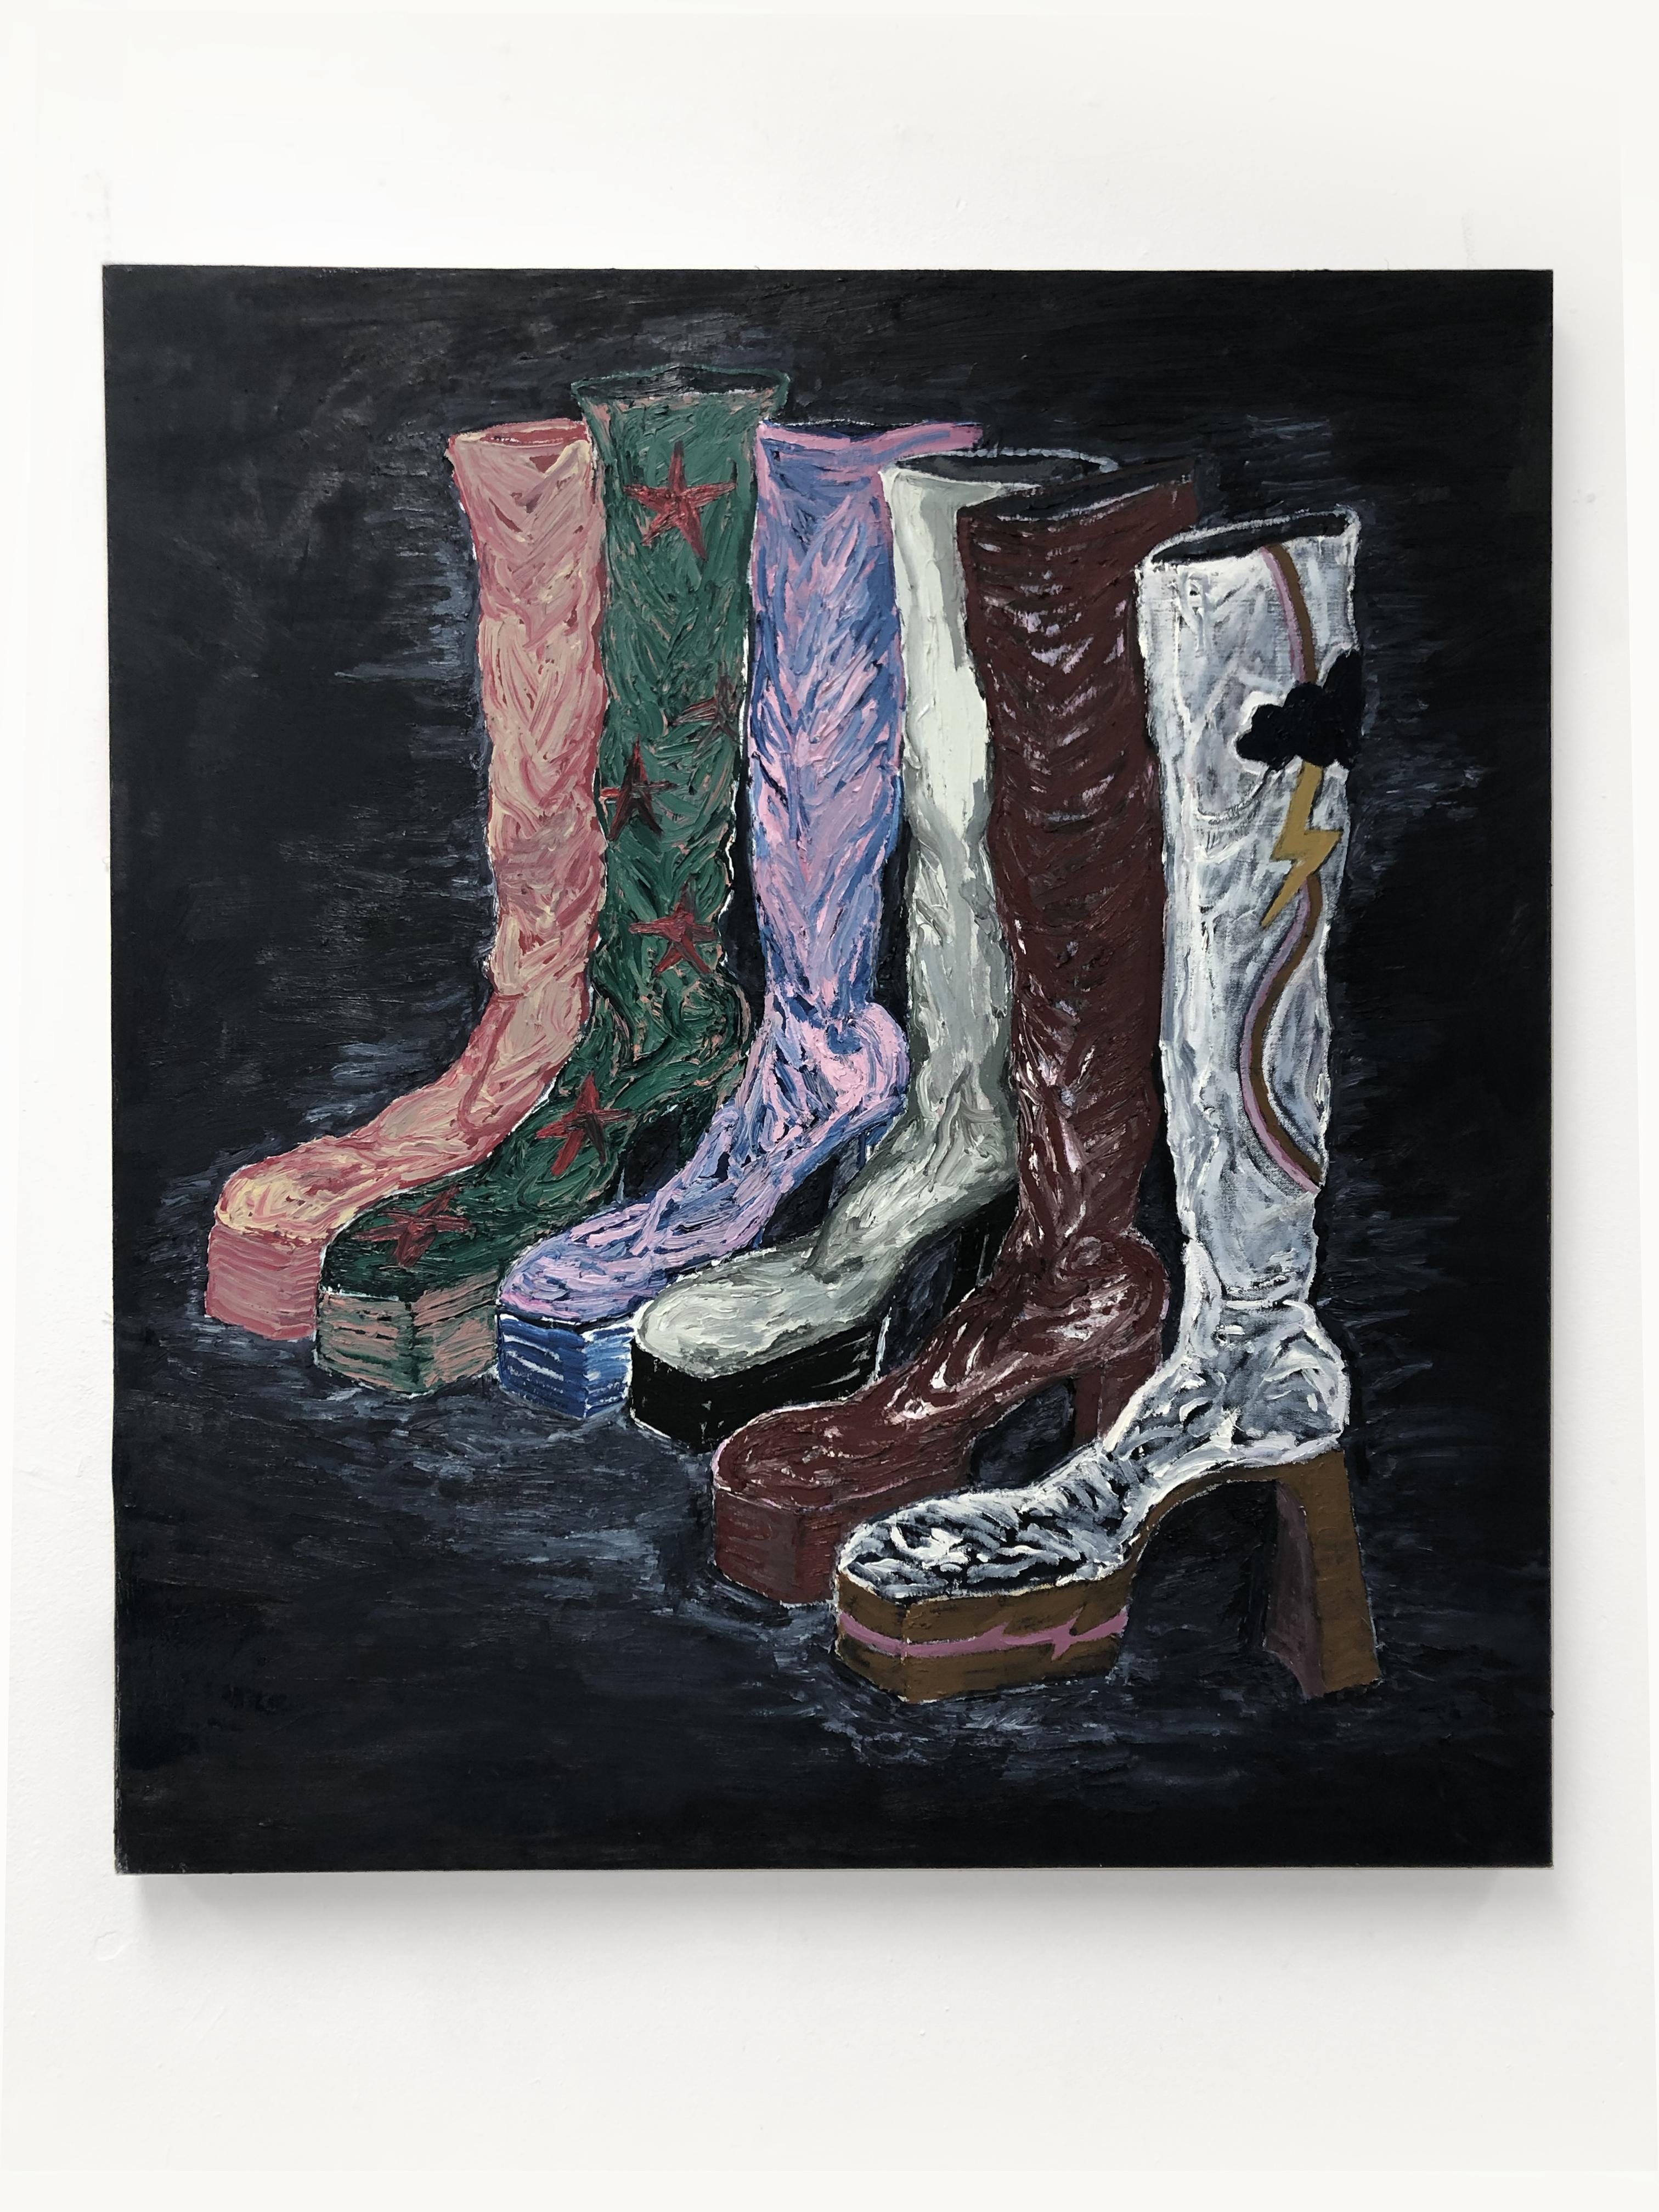 Stevie Dix.<em> Frontière</em>, 2019. Oil on canvas, 39 3/8 x 35 3/8 inches (100 x 90 cm)